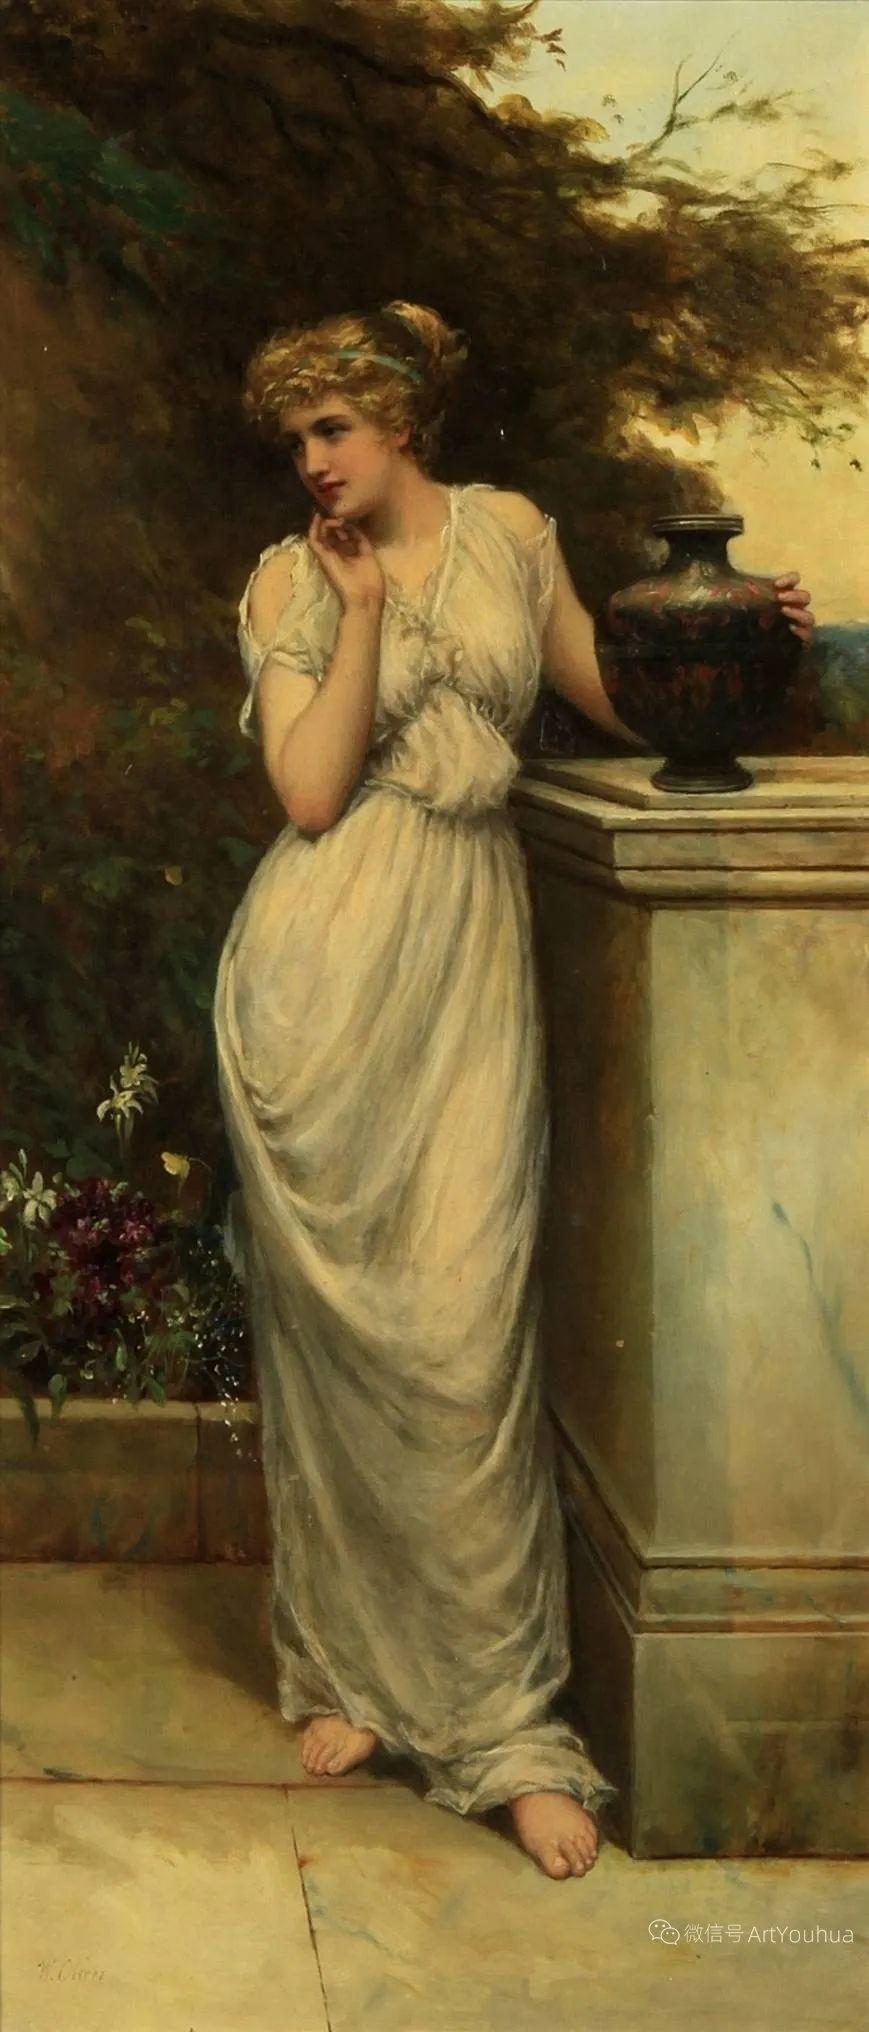 纯情与美丽,英国画家威廉·奥利弗作品选插图95